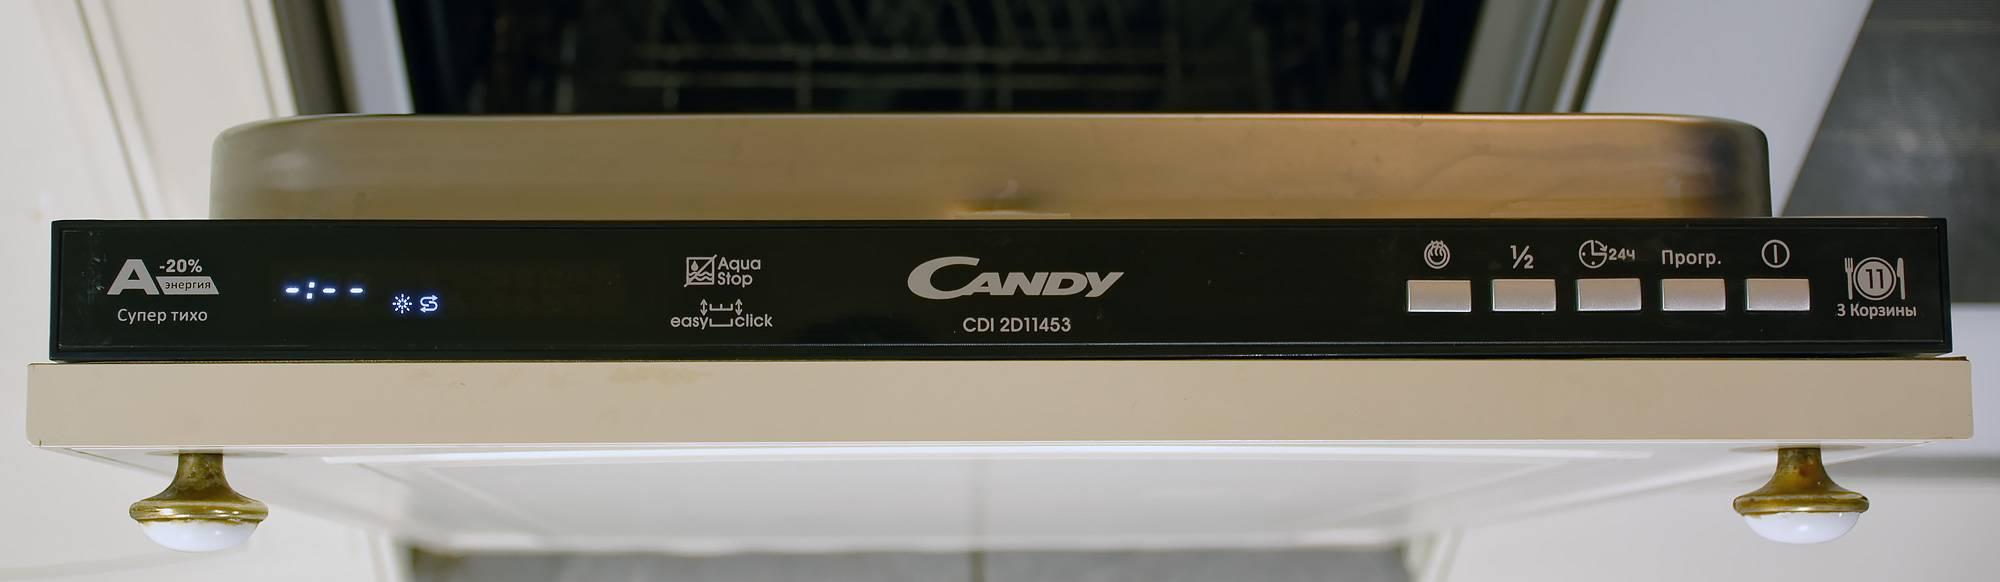 Стиральные машины candy: страна производитель, отзывы и рейтинг лучших моделей